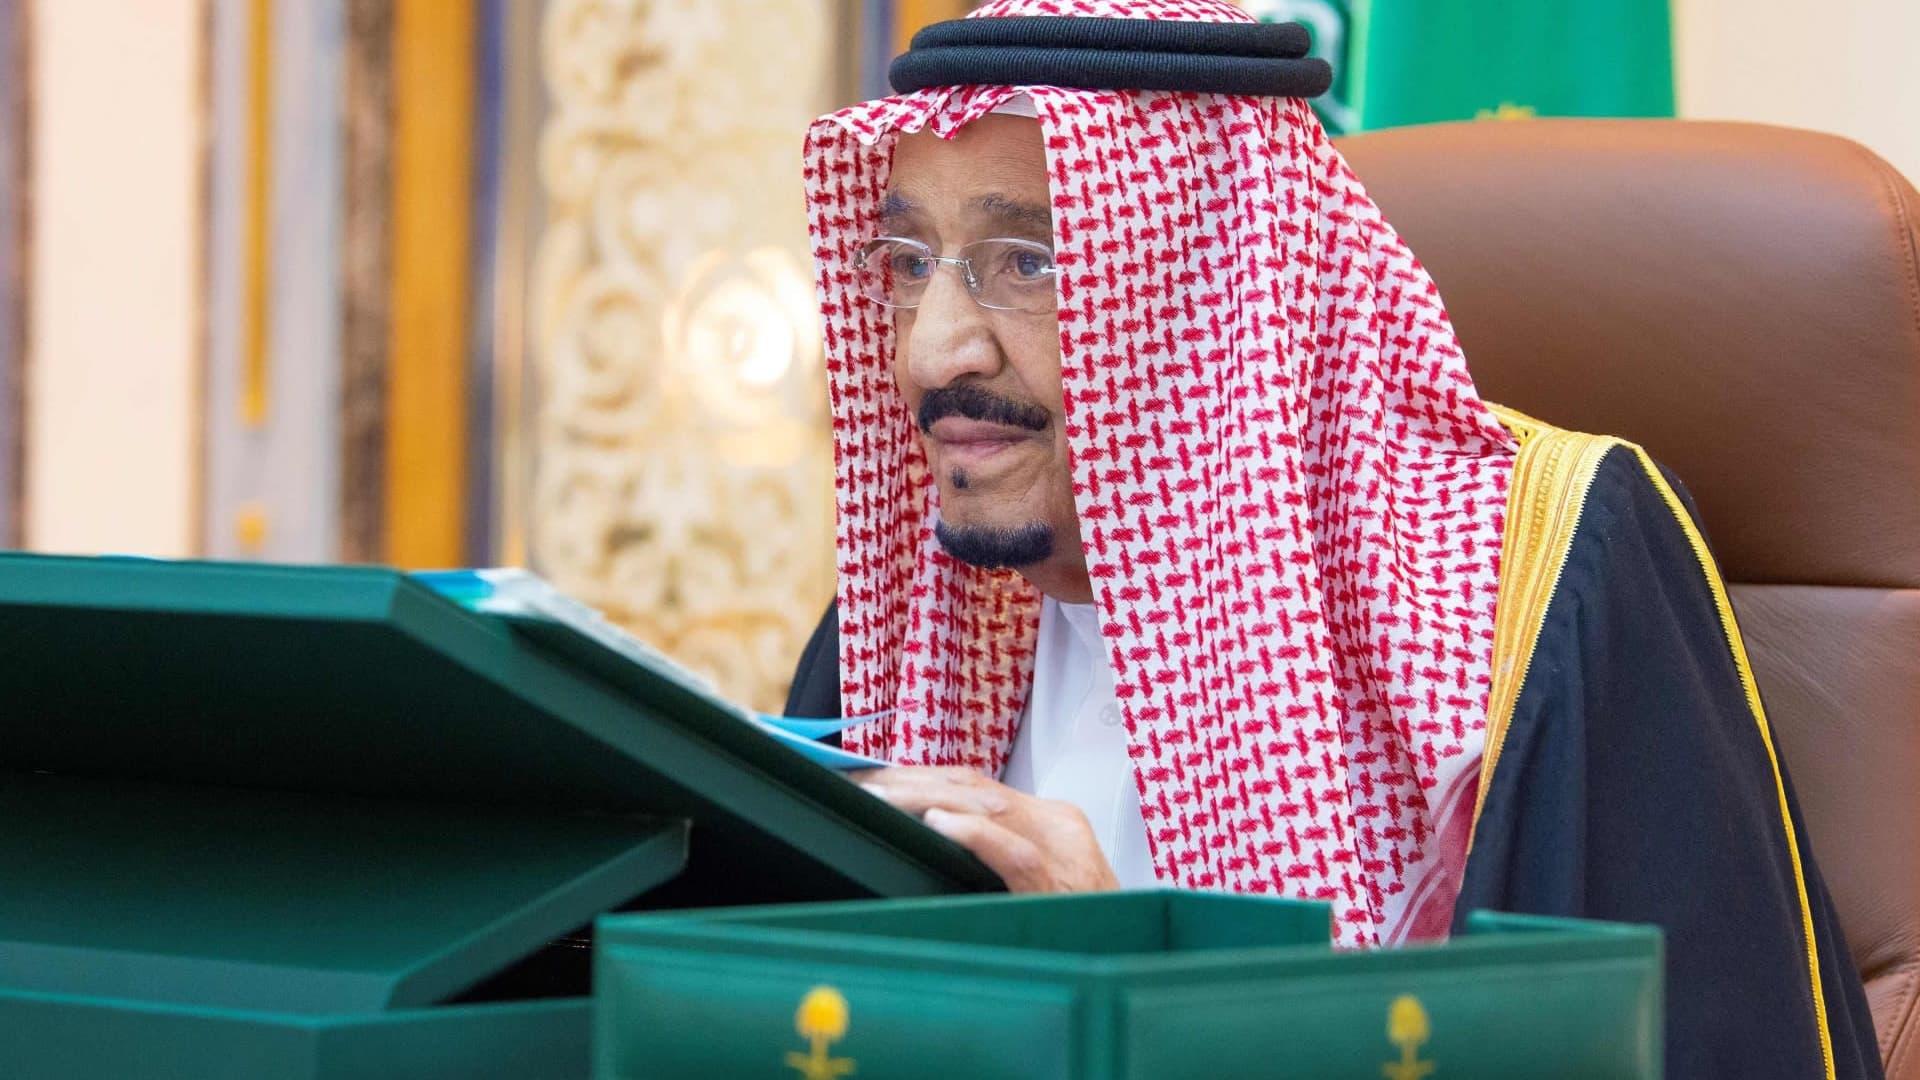 Saudi-Arabian kuningas Salman toimistossaan sairaalassa Riadissa.